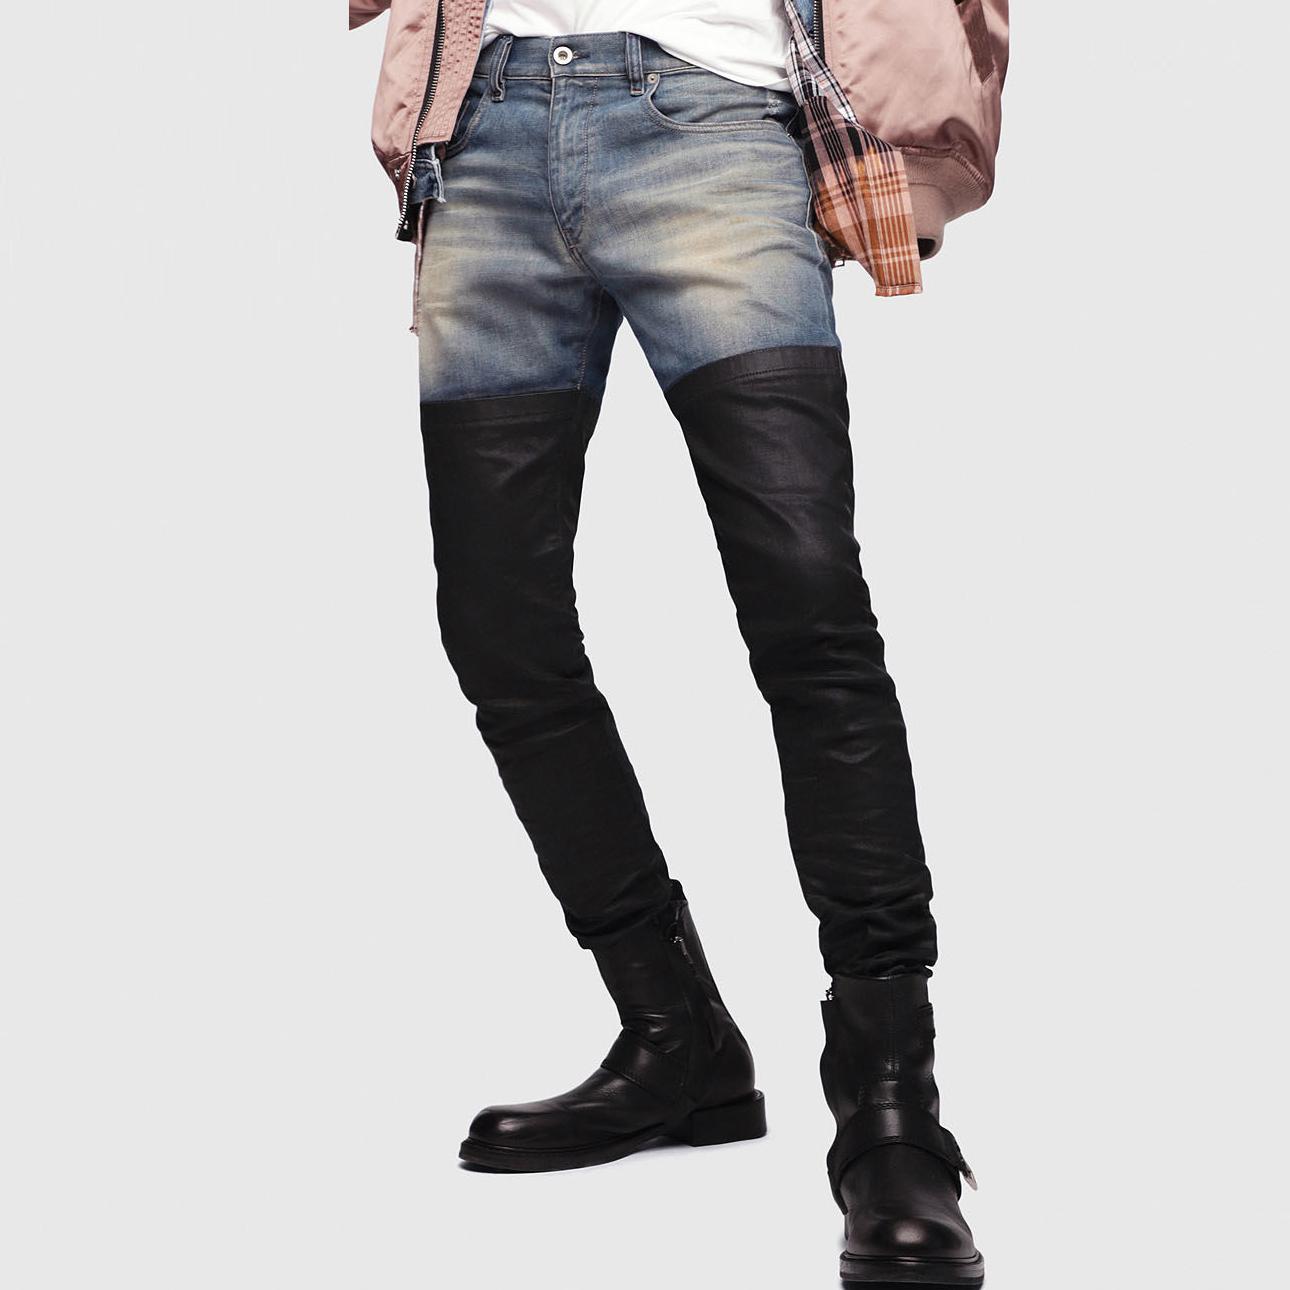 नई फैशन डिजाइन OEM ODM पुरुषों पतला जीन्स फट दो टोन स्लिम फिट पतलून